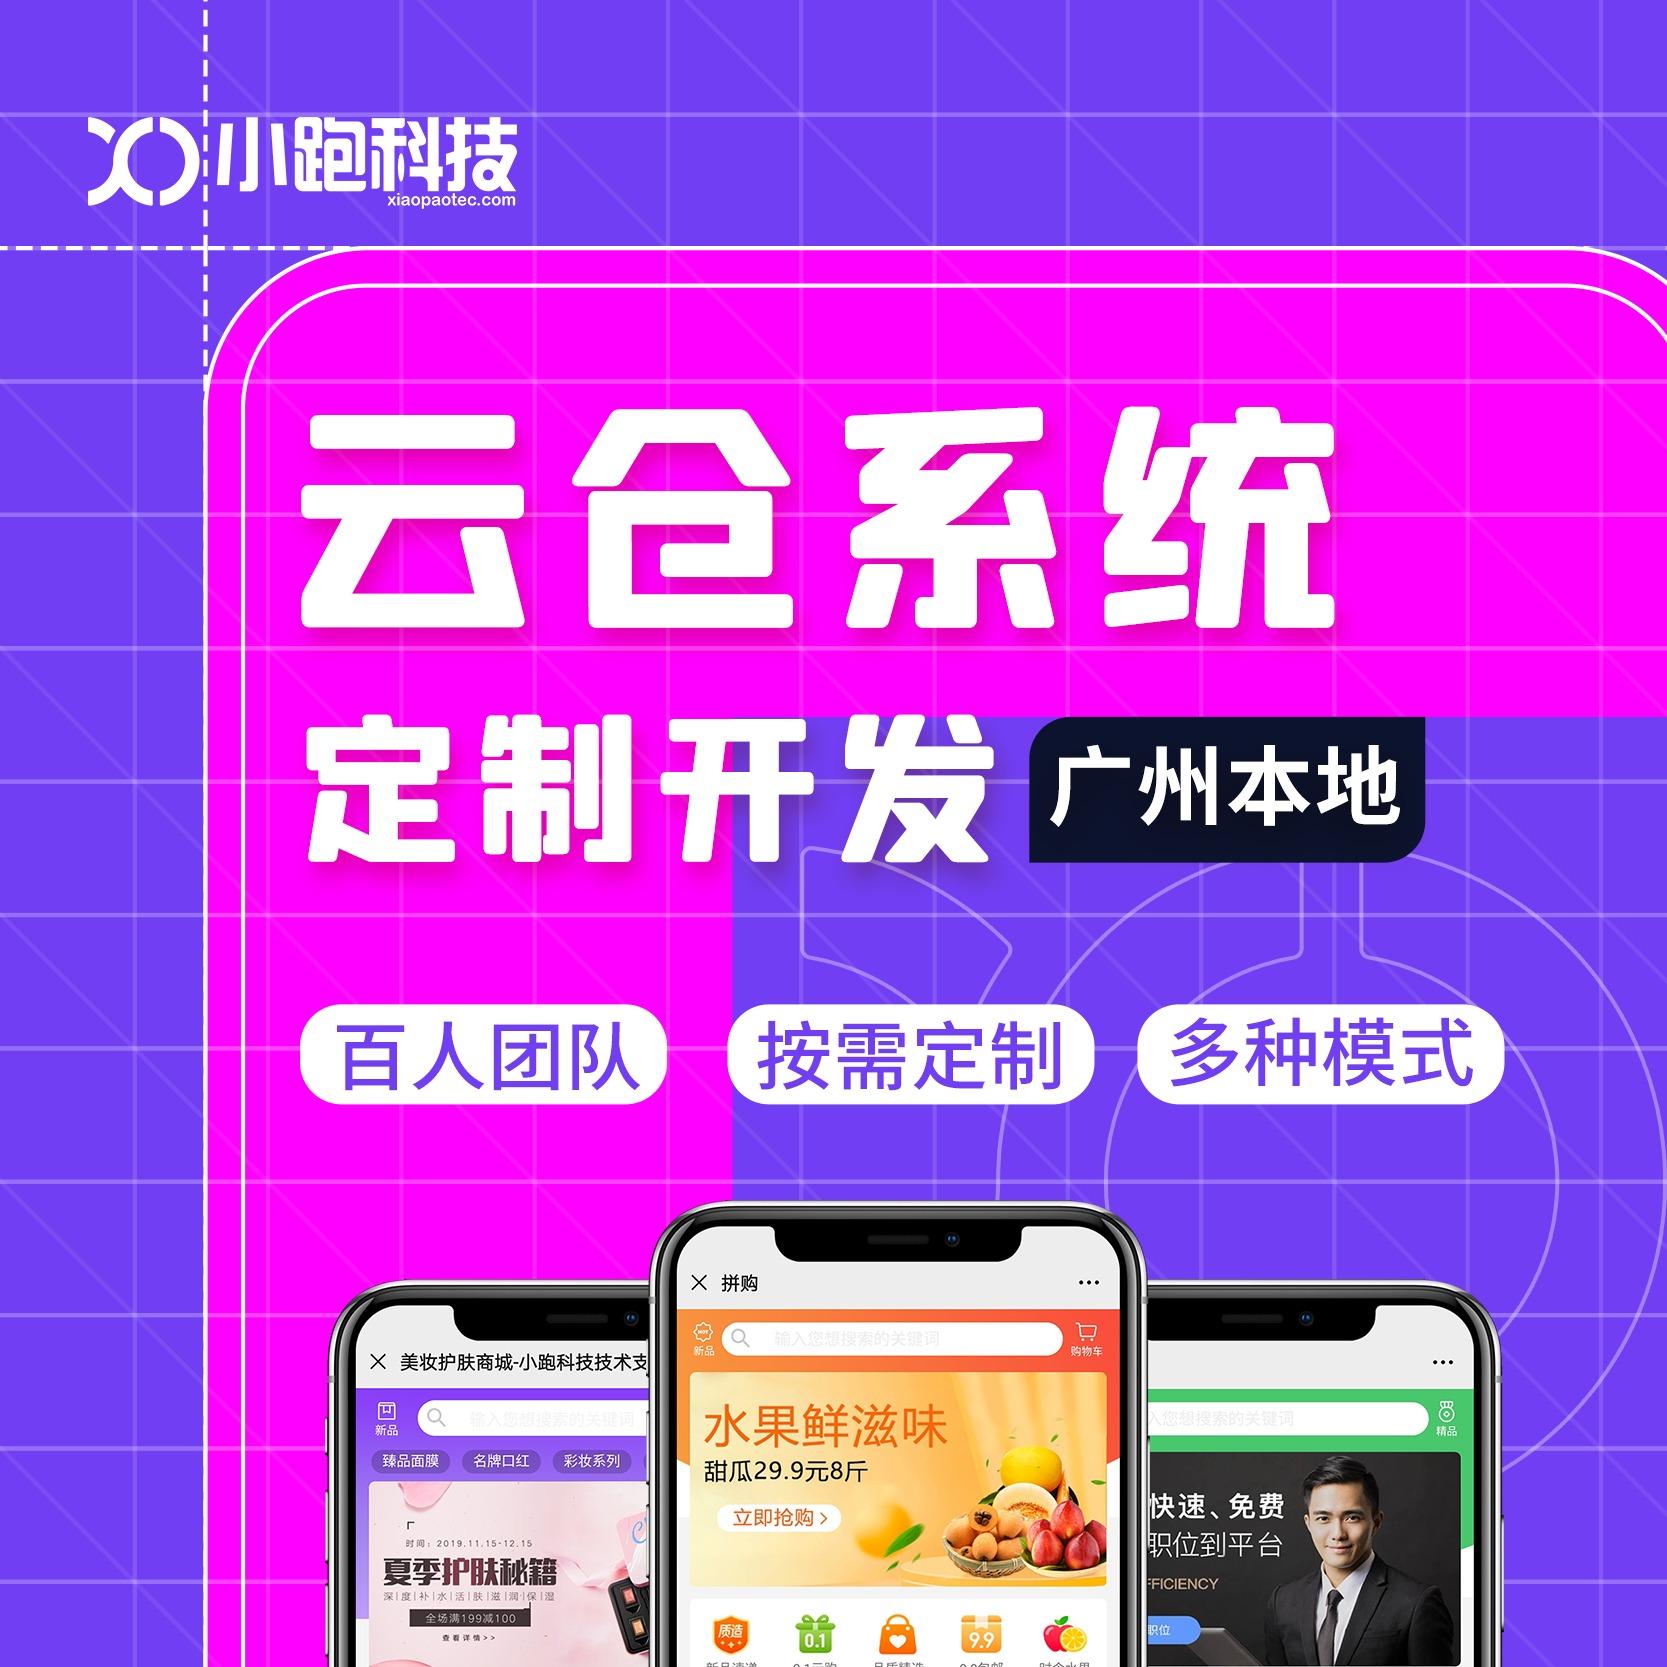 【云仓云店小程序开发】虚拟库存管理/微商云仓系统定制开发